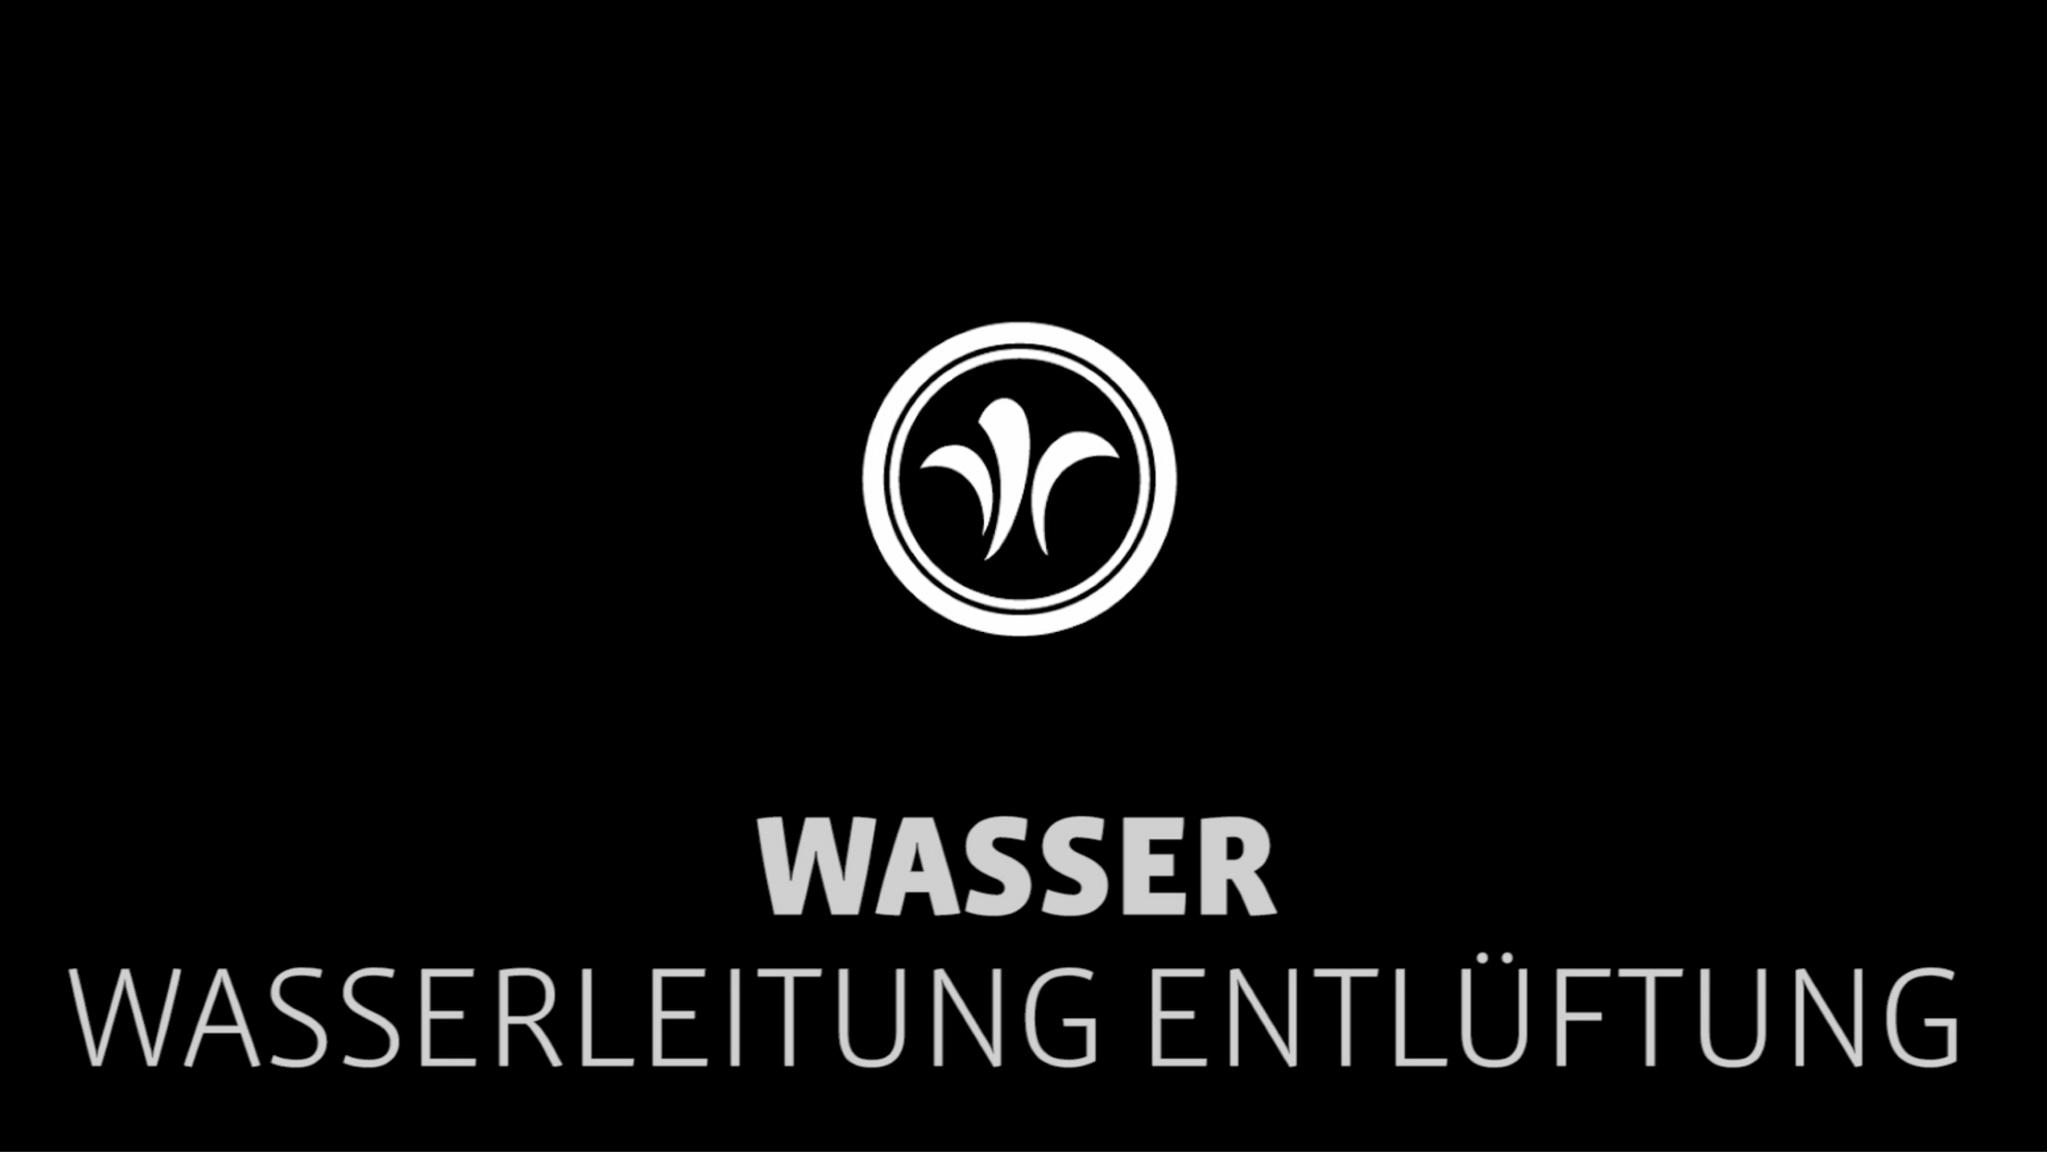 Wohnmobil Wasserleitung Entlüftung // Niesmann+Bischoff – Reisemobil (Modell ARTO) // 2019 // WA2